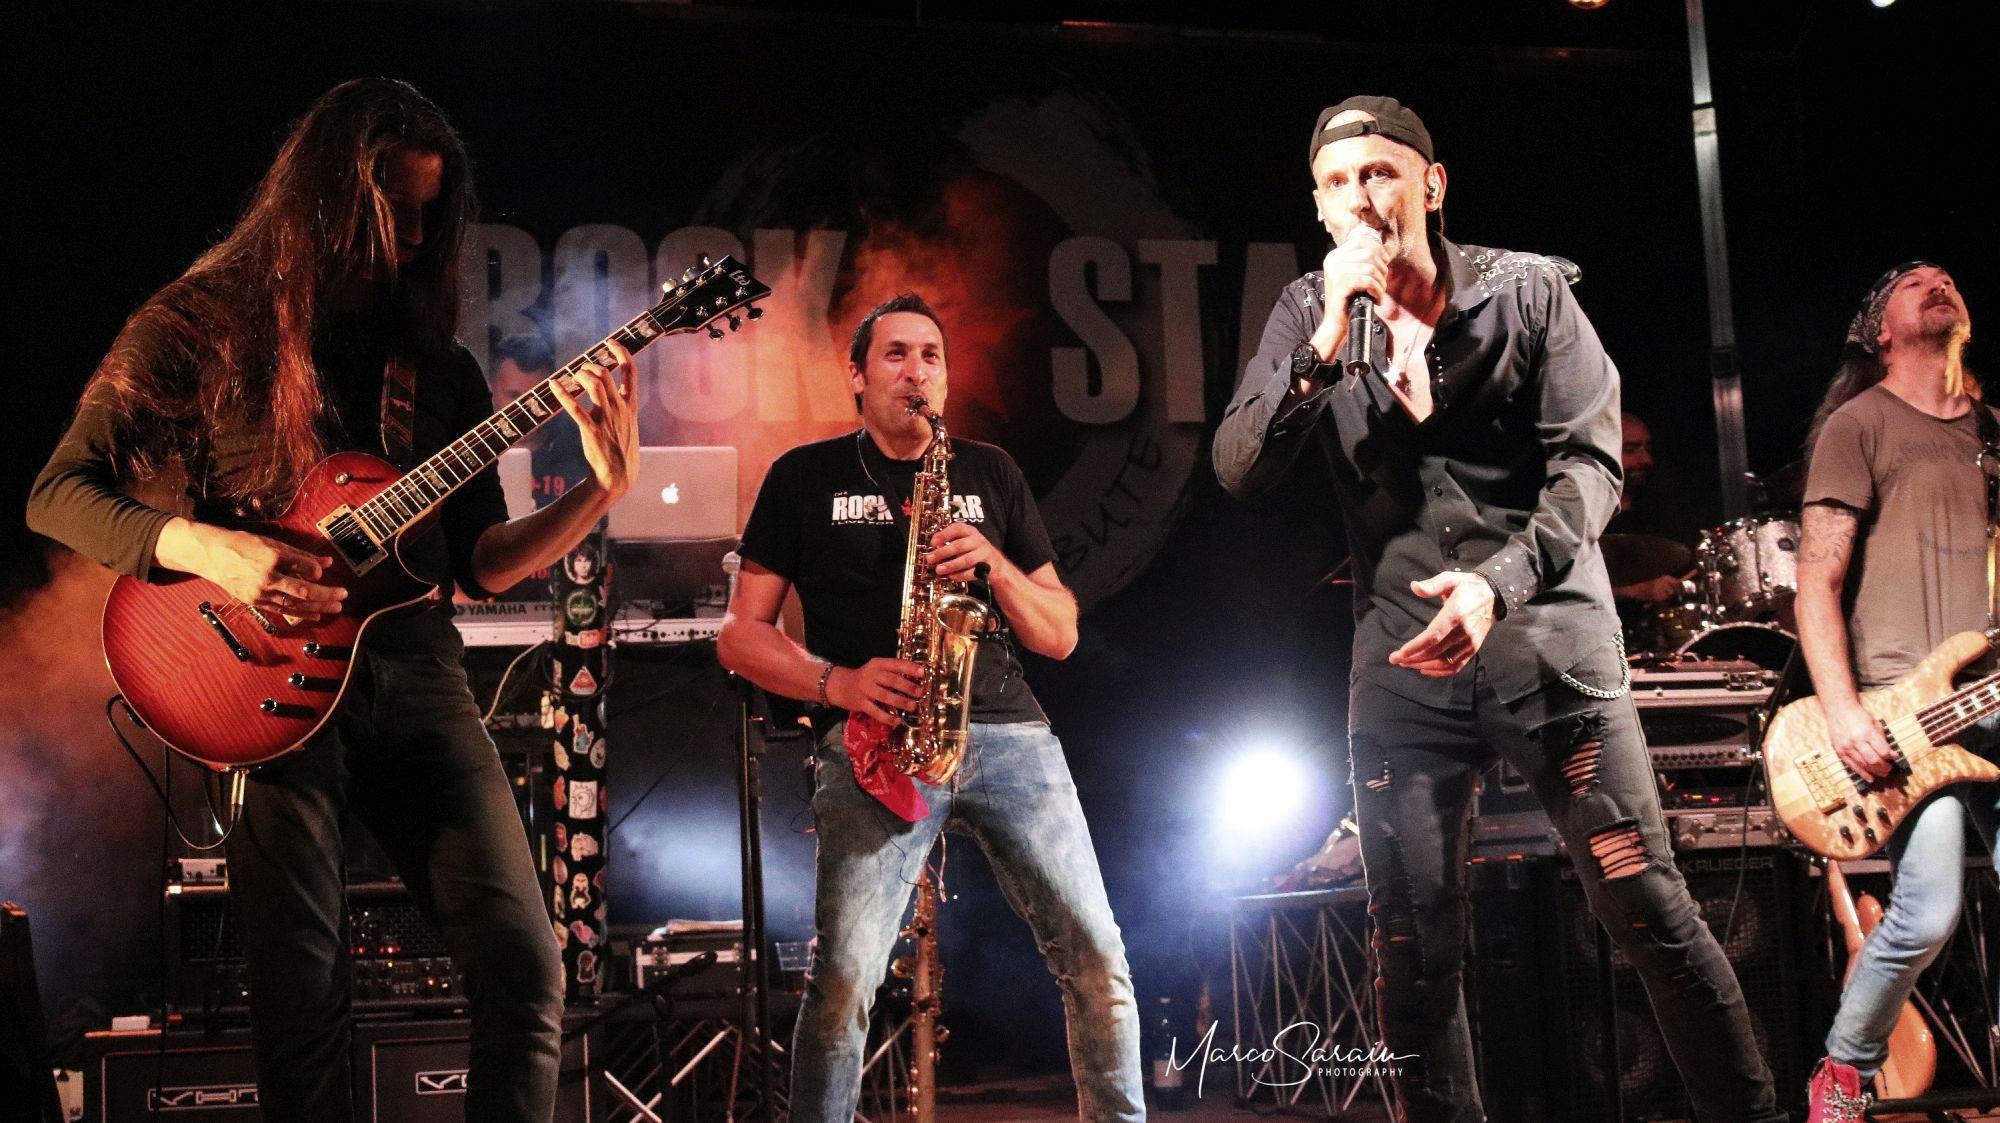 ROCK★STAR - Vasco Tribute